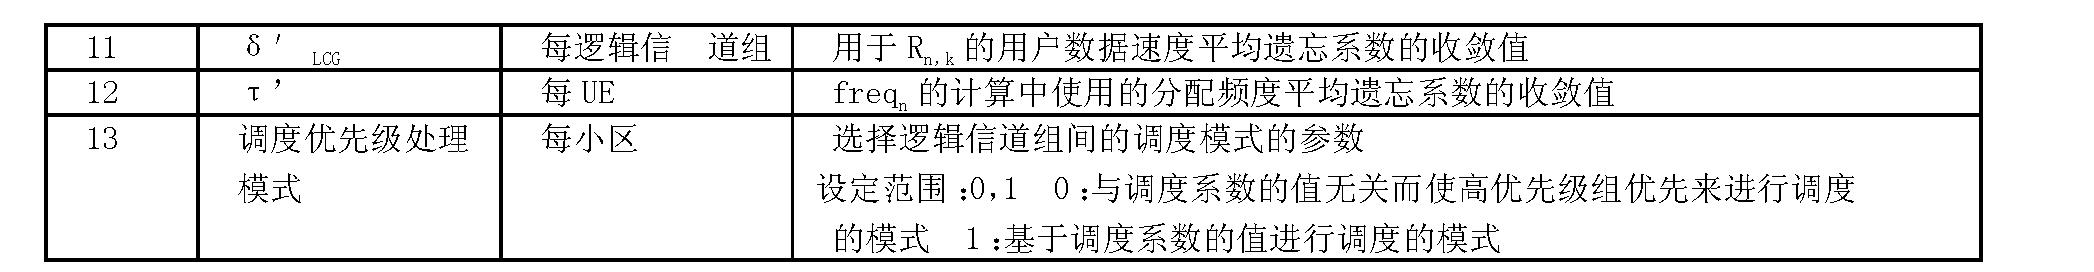 Figure CN101669401BD00181